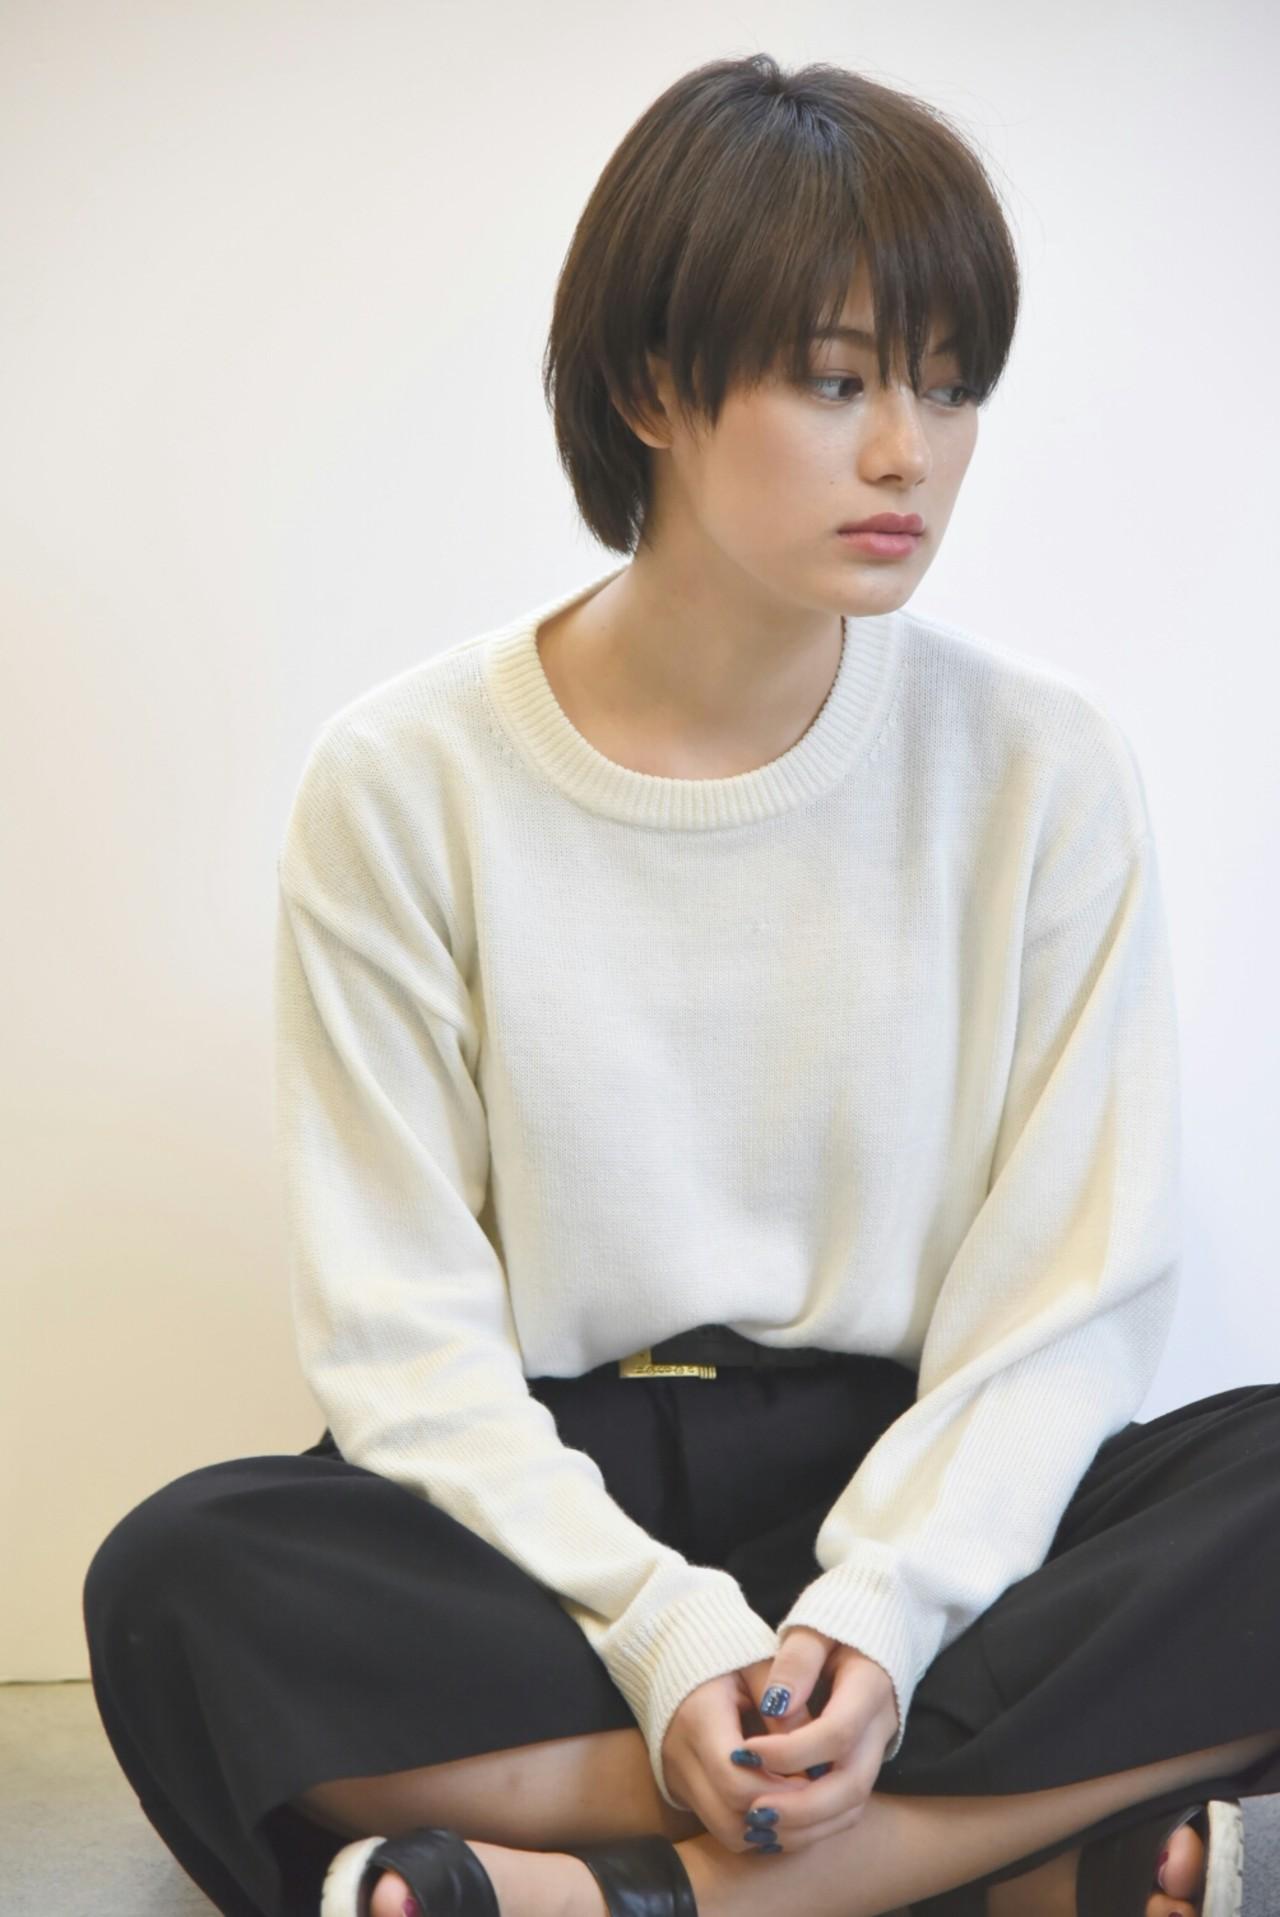 ショート 黒髪 マッシュ ナチュラル ヘアスタイルや髪型の写真・画像 | イノウエ ユウキ【freelance】 / AKAMEE【アカミー】